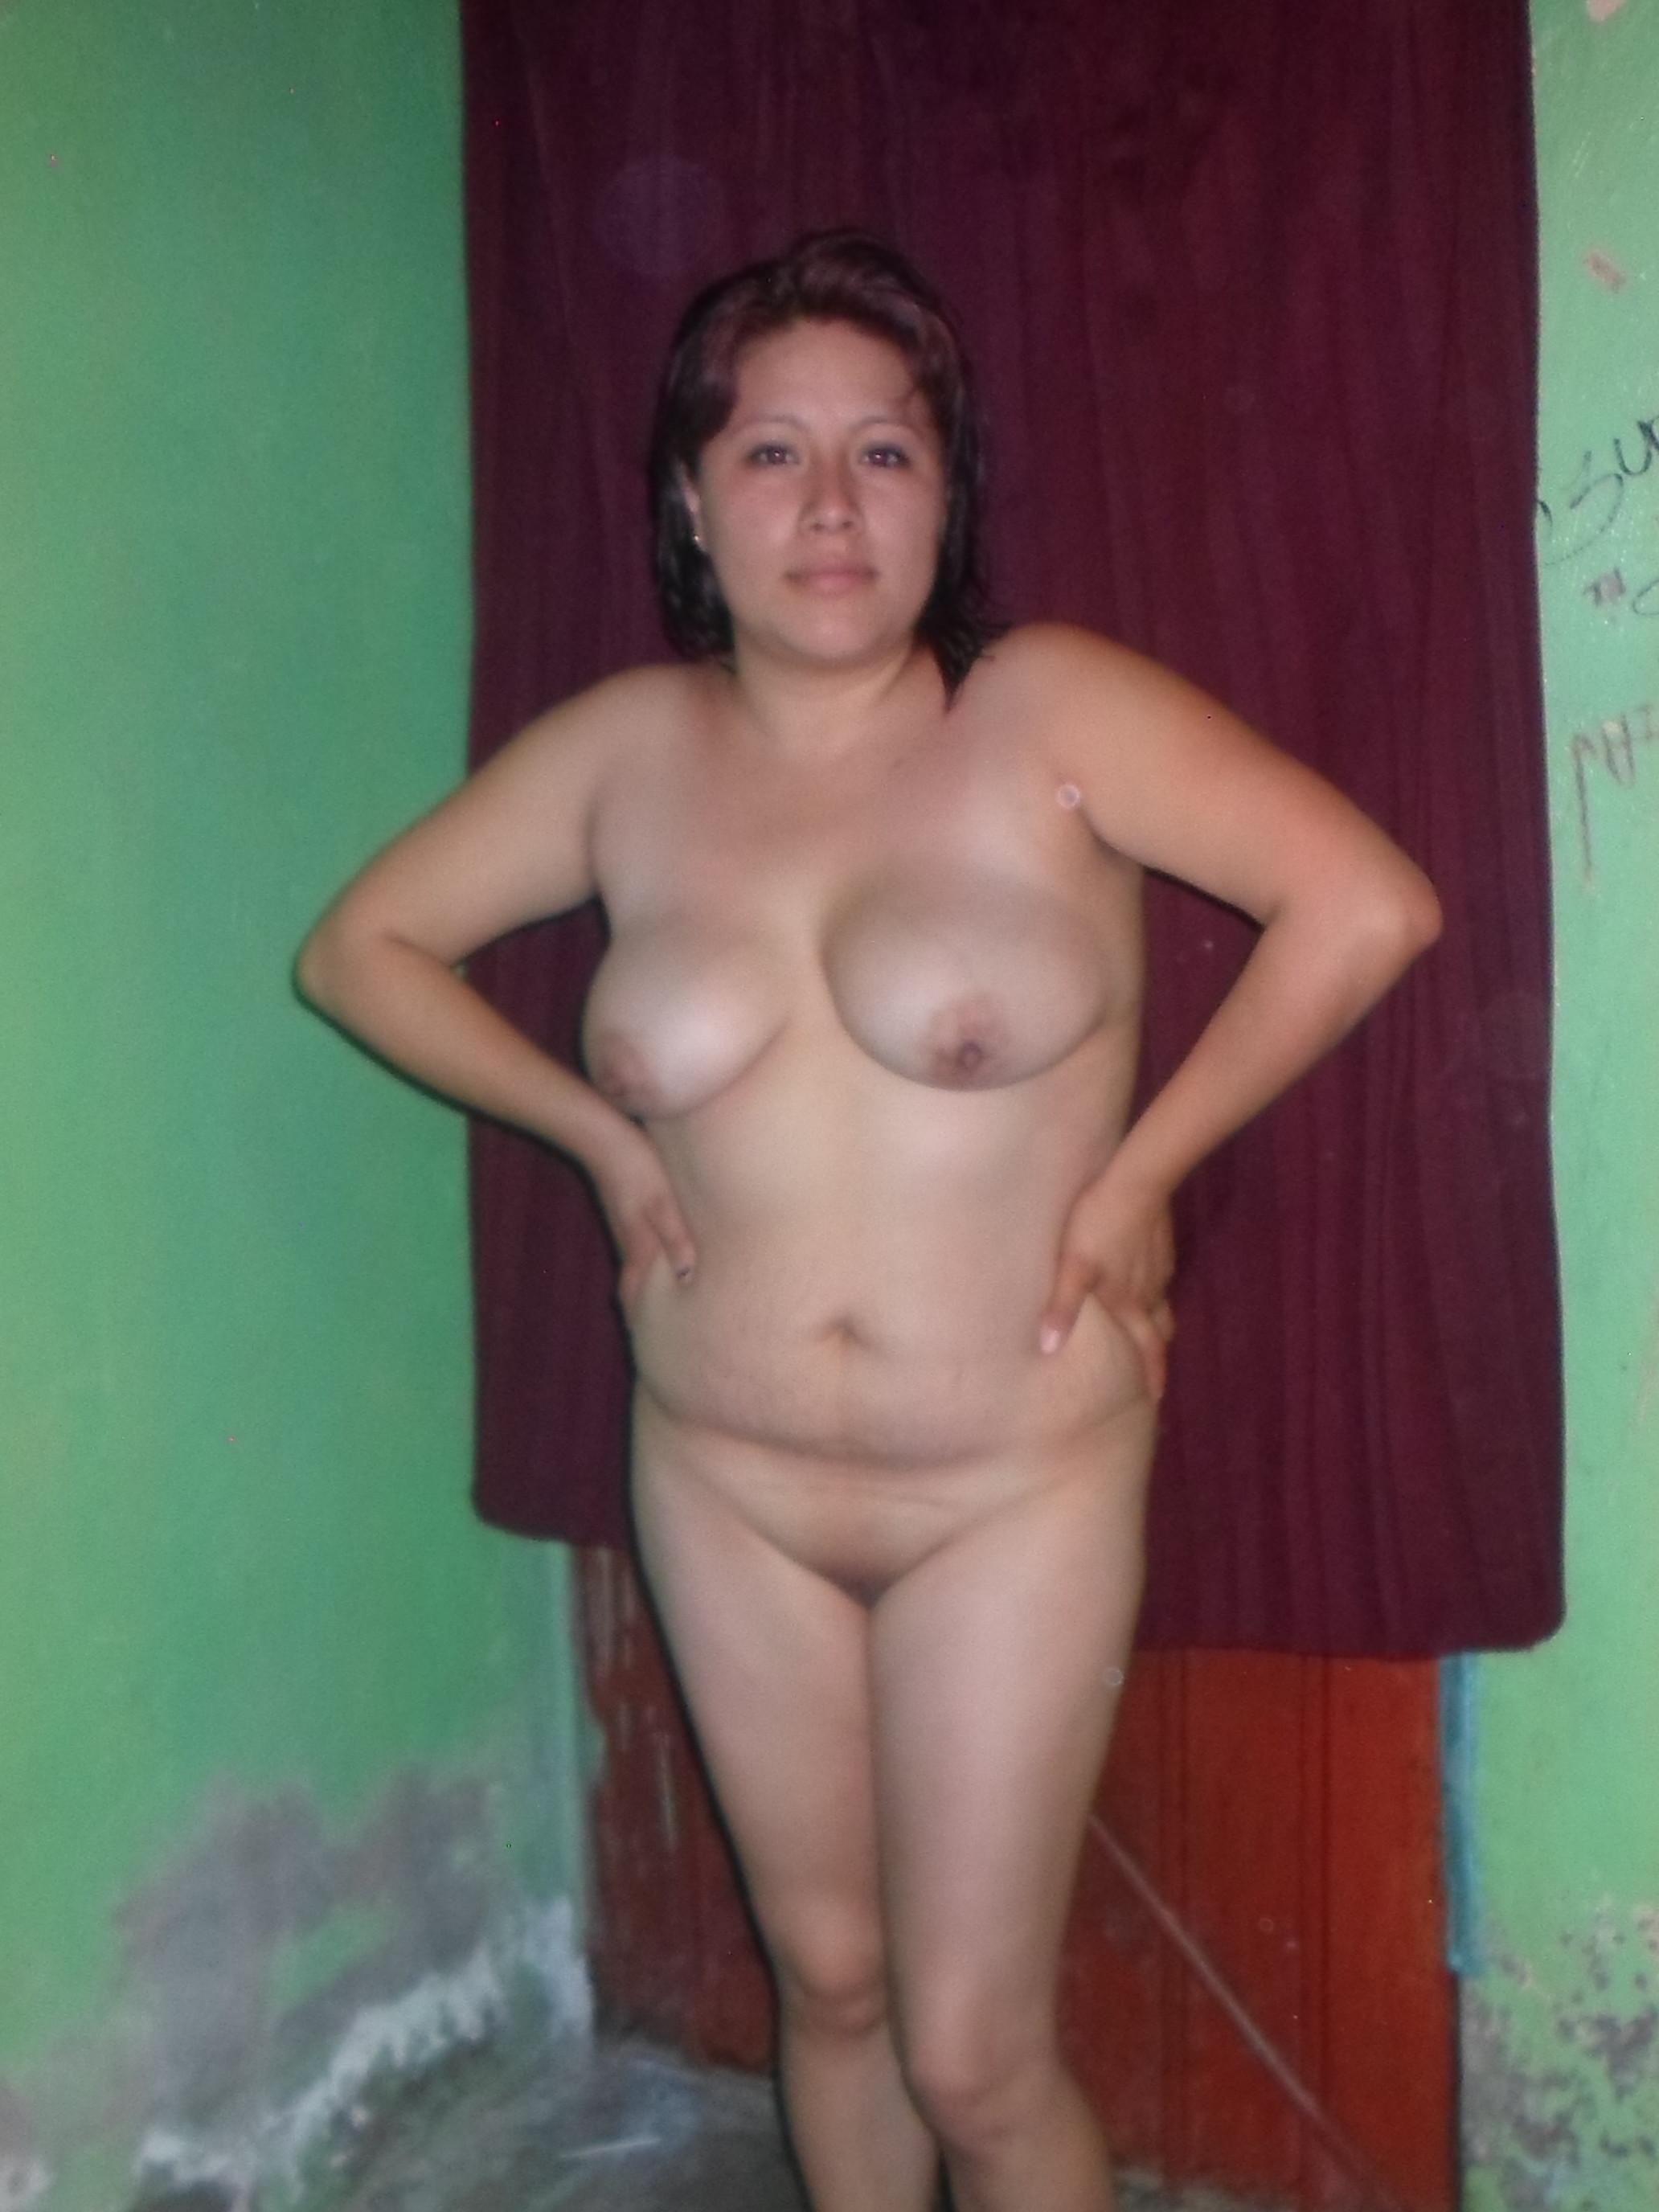 Пухлая мексиканка обнажается полностью